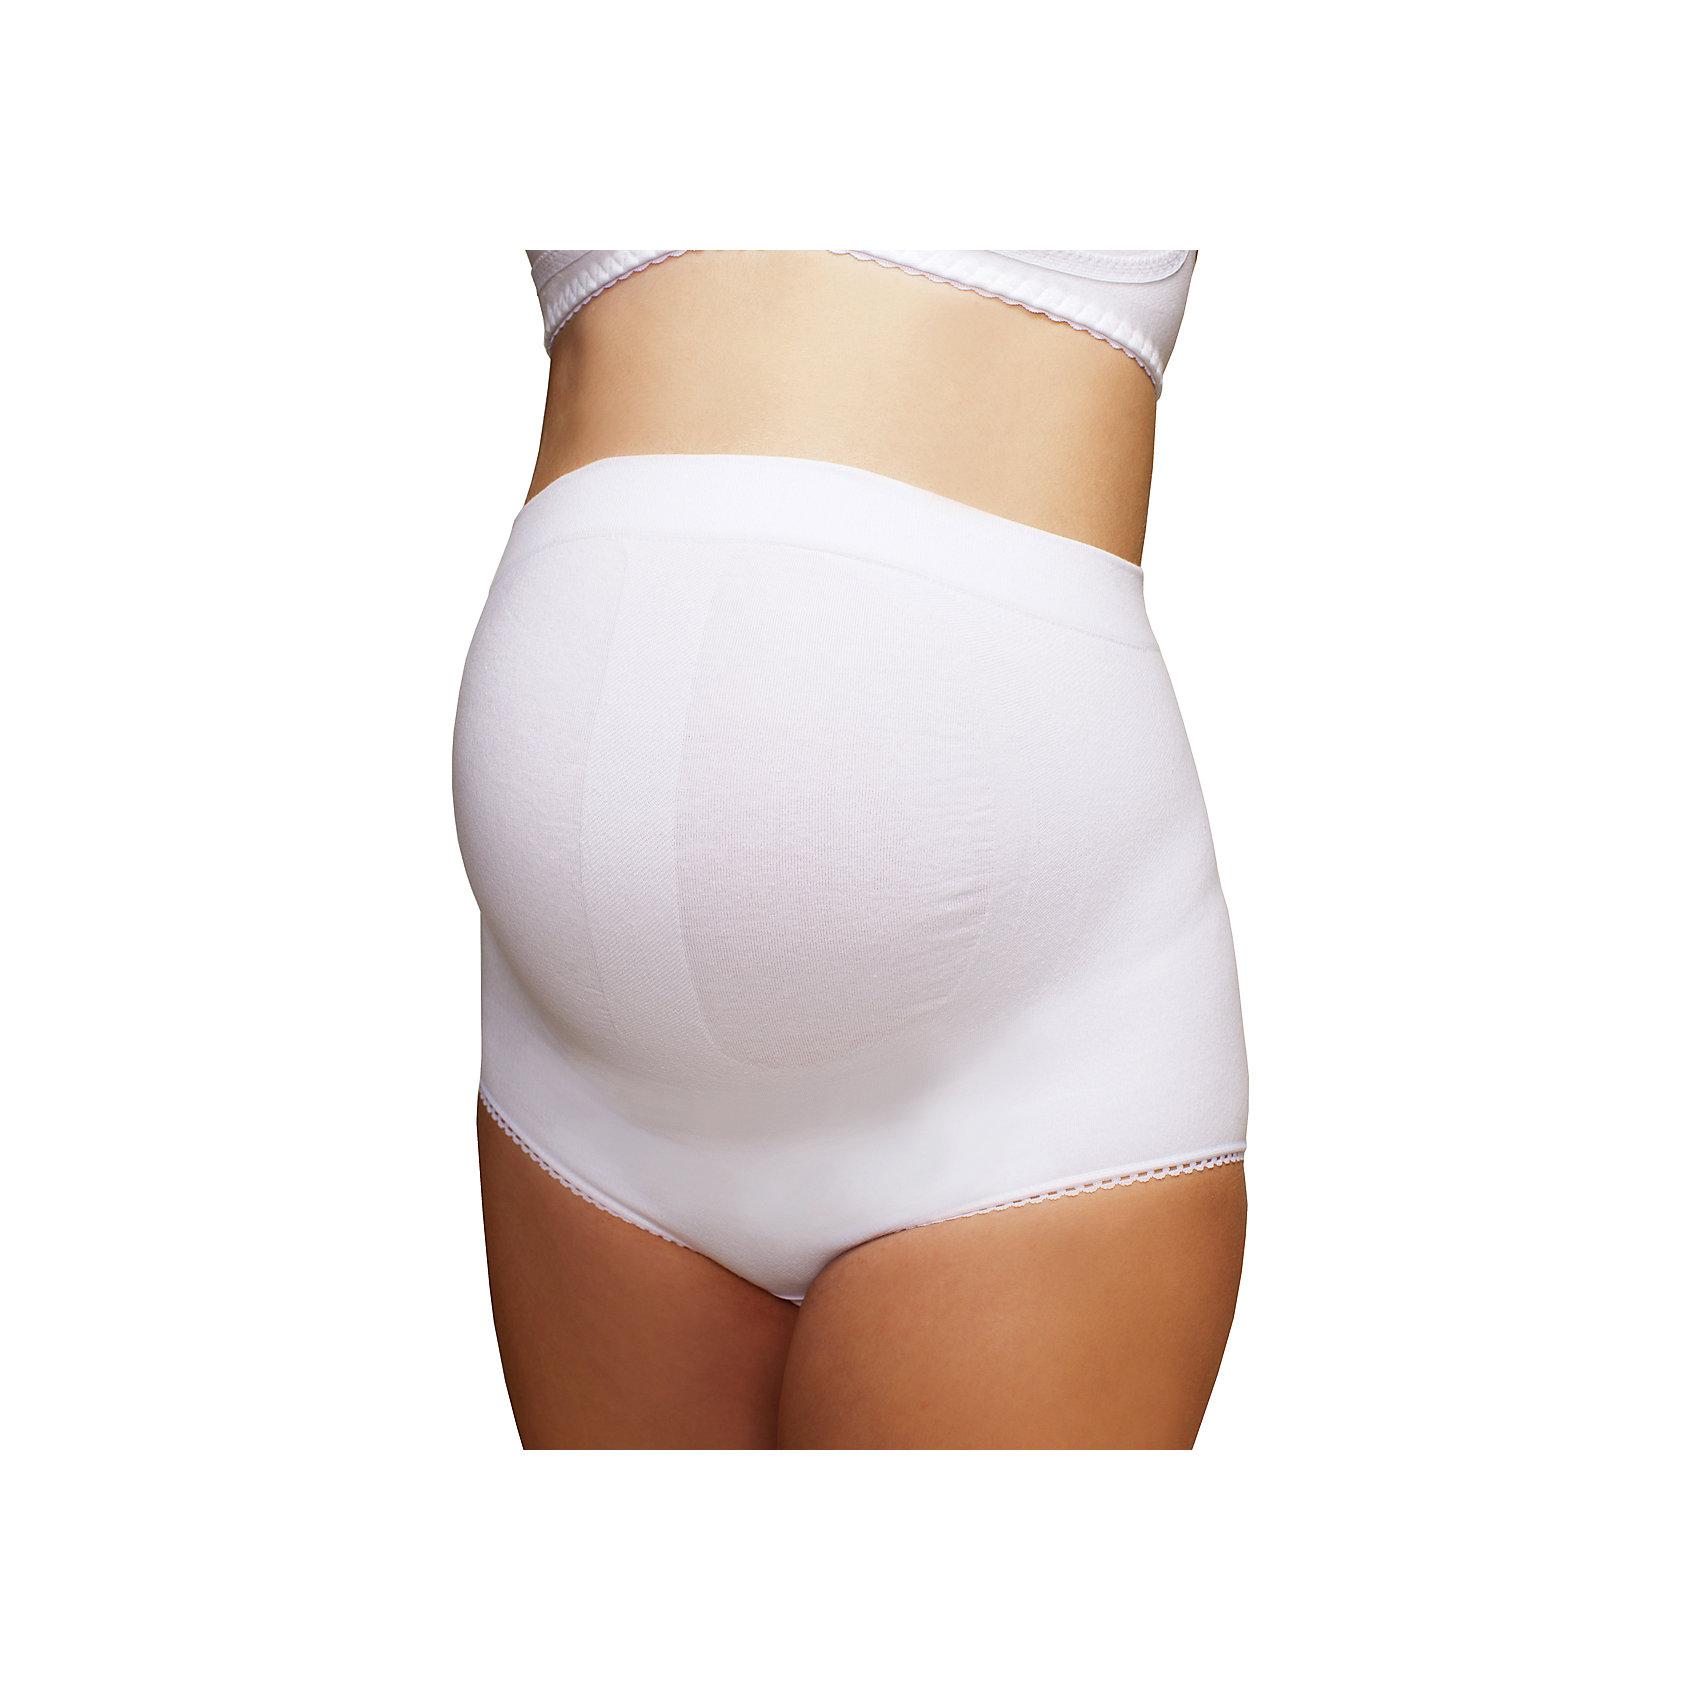 Трусы бесшовные для беременных ФЭСТНижнее белье<br>Пояс-трусы бесшовный для беременных женщин<br>Поддерживает живот, облегчает нагрузку на поясничный отдел и фиксирует область пупка.<br>Пояс-трусы эффективно снижает увеличивающуюся с ростом плода нагрузку на внутренние органы и позвоночник.<br>Позволяет вести более активный образ жизни.<br>Упругие косточки и широкая полоса плотного переплетения фиксируют поясничную область, тем самым снижая нагрузку на позвоночник.<br>Специальная усиленная вязка поддерживает живот.<br>Наличие удобной застежки снизу позволяет не снимать пояс-трусы при необходимости.<br><br><br><br>Состав: хлопок-62%, ПА-34%, эластан-4%<br><br>Ширина мм: 196<br>Глубина мм: 10<br>Высота мм: 154<br>Вес г: 152<br>Цвет: белый<br>Возраст от месяцев: 0<br>Возраст до месяцев: 1188<br>Пол: Женский<br>Возраст: Детский<br>Размер: 44,50,48,46,52<br>SKU: 4918094